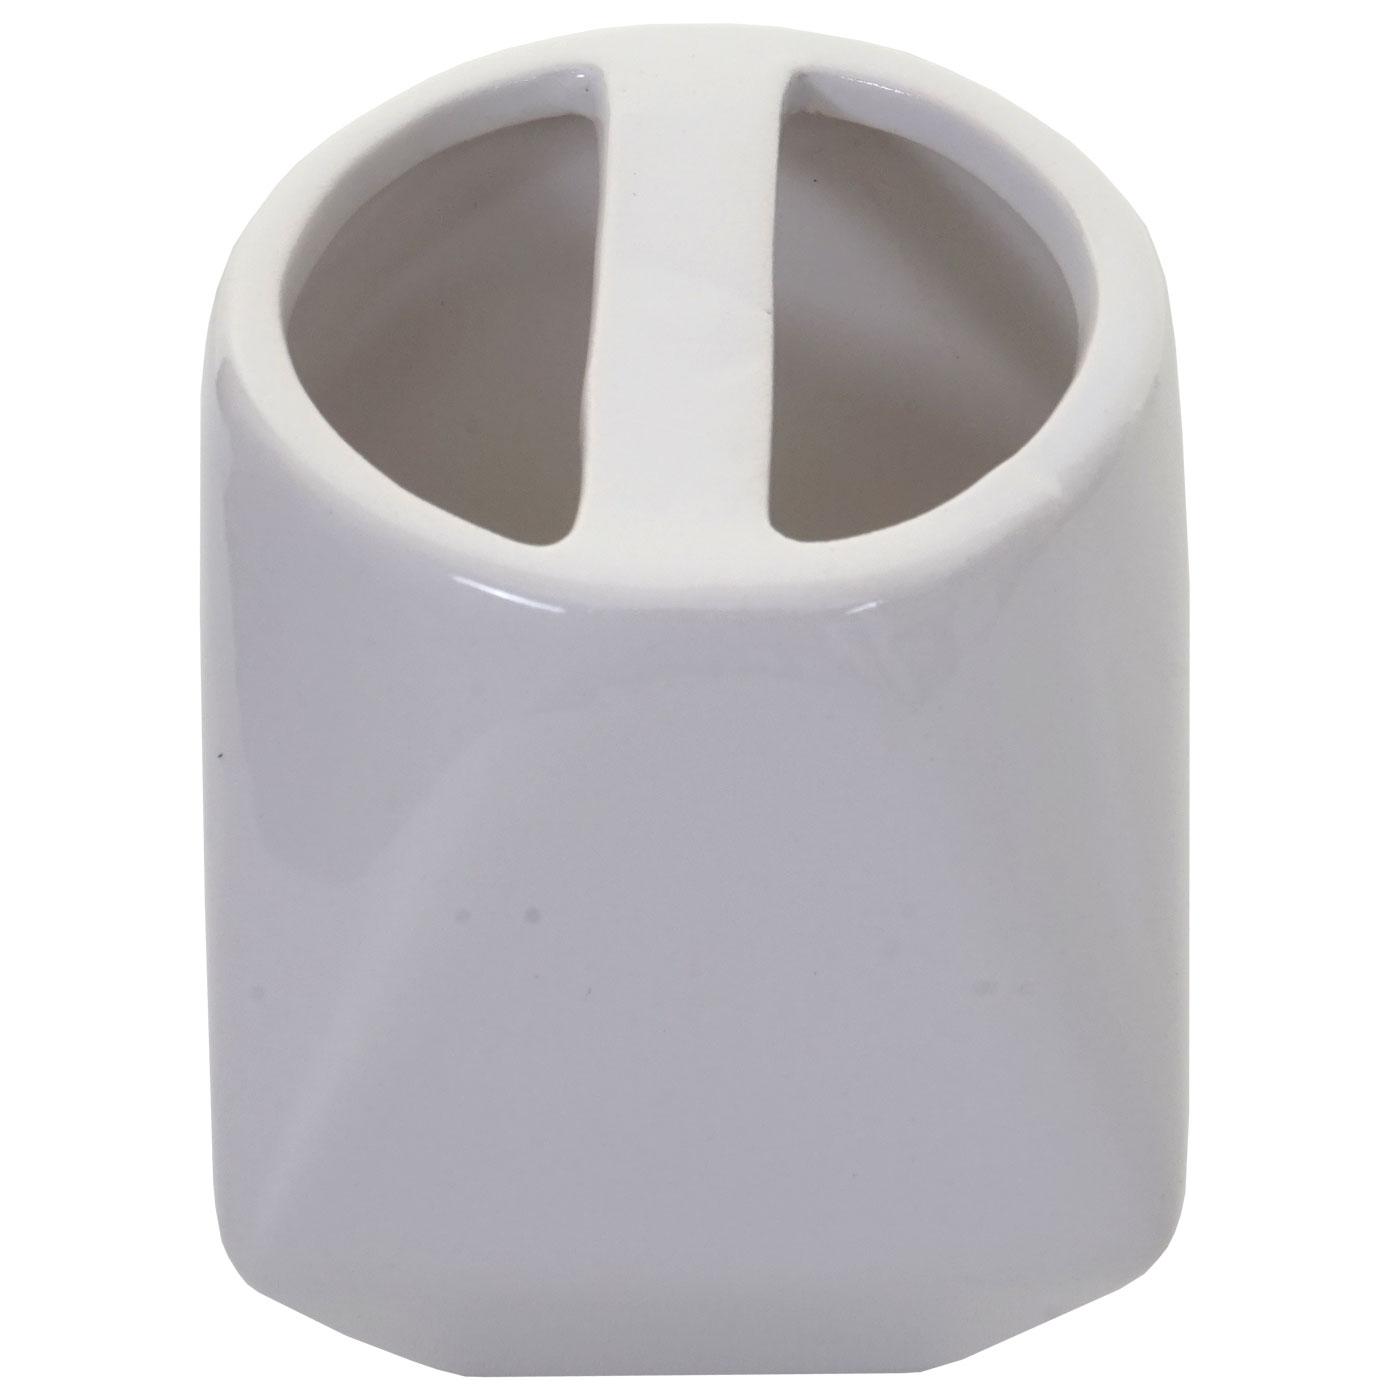 Zahnbürstenhalter HWC-C71 weiß